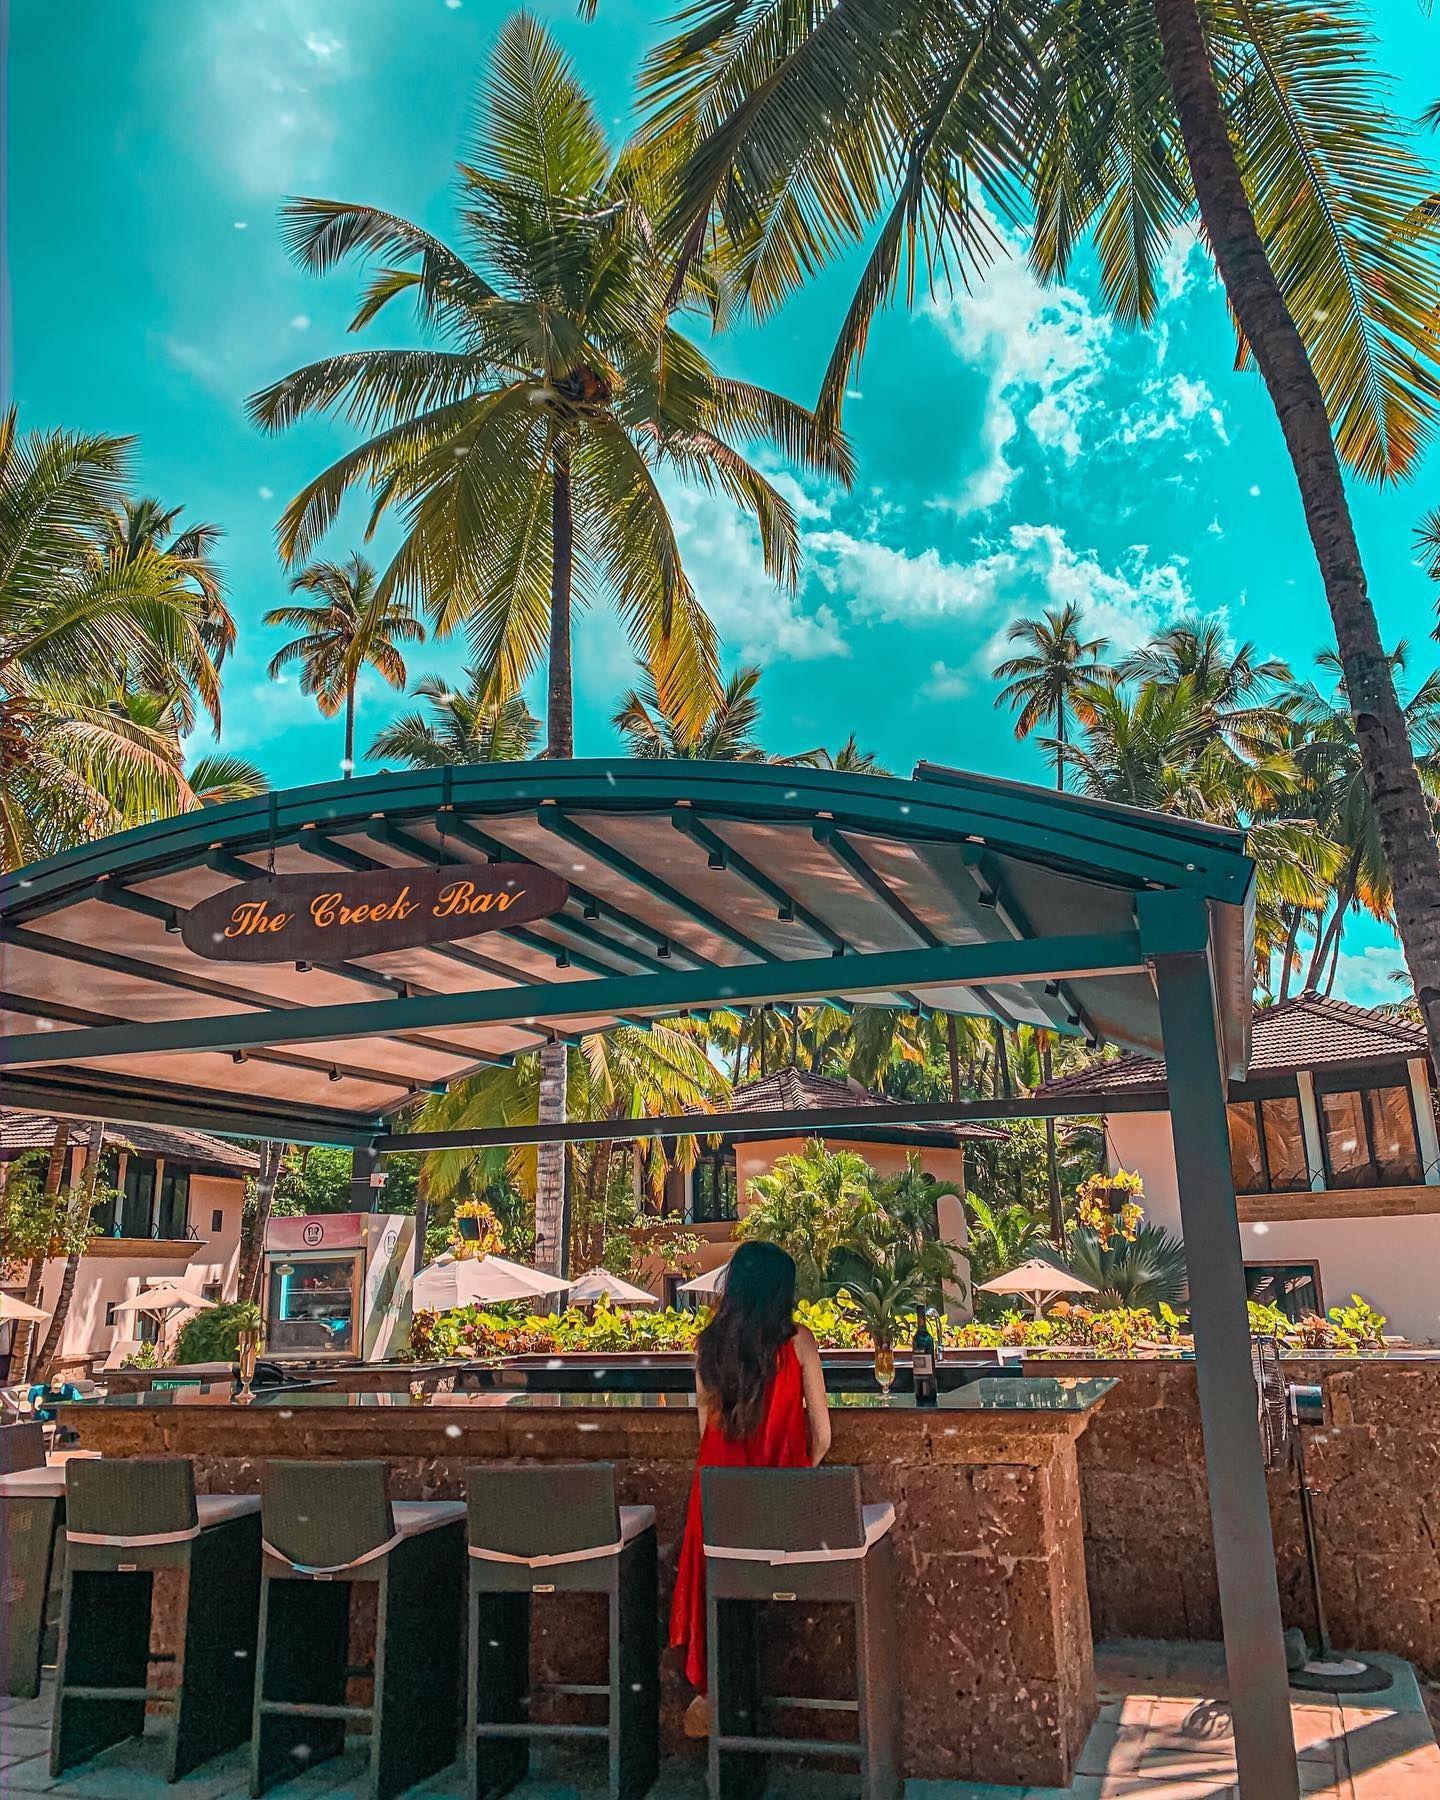 Tropical state of mind ☀️🌴🌸 #throwback🔙 . Coconut Creek Resort, Goa 📍 #traveldiaries #travelblogger #goavacation #apytravels  #photooftheday #wanderlust #beautiful #vacay #landscape #cactus #goablogger #india #incredibleindia #goalife #travelphotography #travelindia  #wanderlust #holiday #goaindia #indiantourism #goan #goatourism #goalife #pickmygoapic